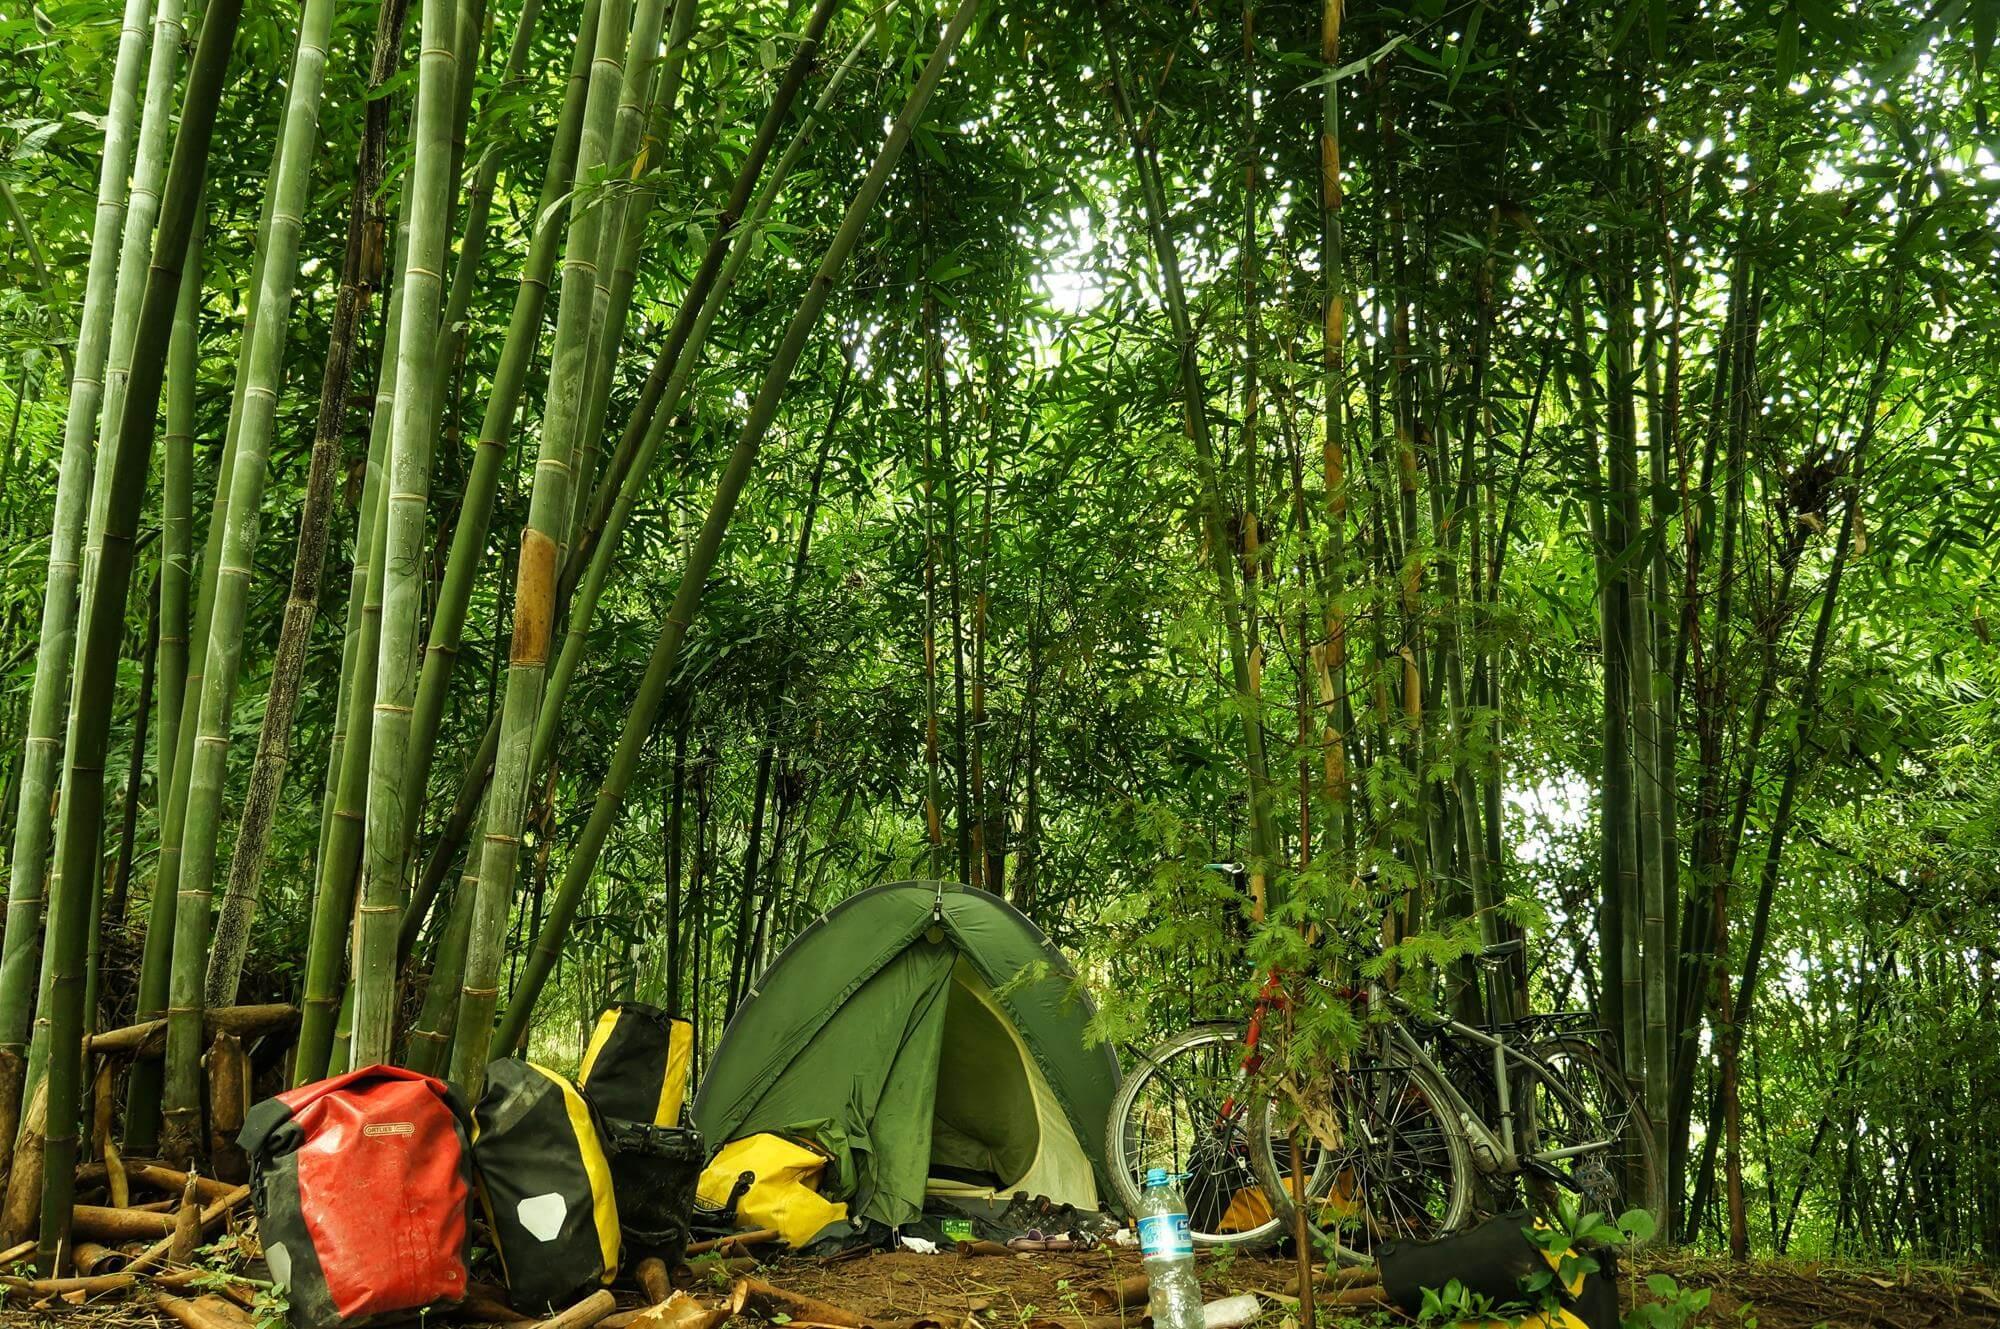 chiny-bambusowy-las